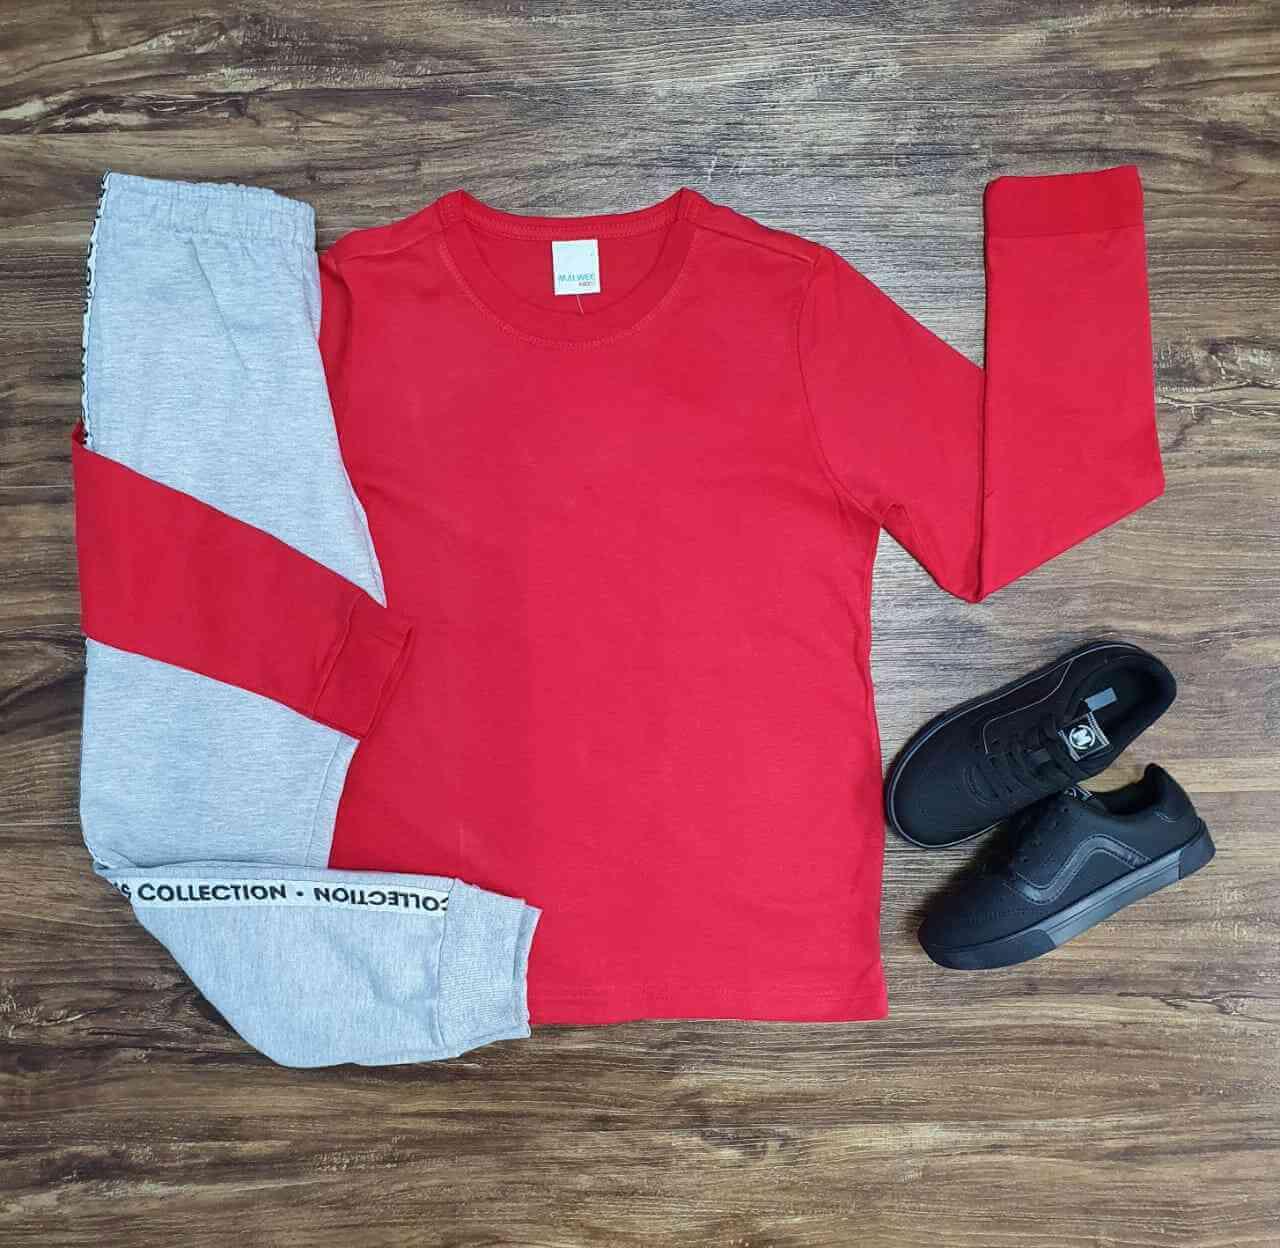 Camiseta Manga Longa Vermelha com Calça Infantil